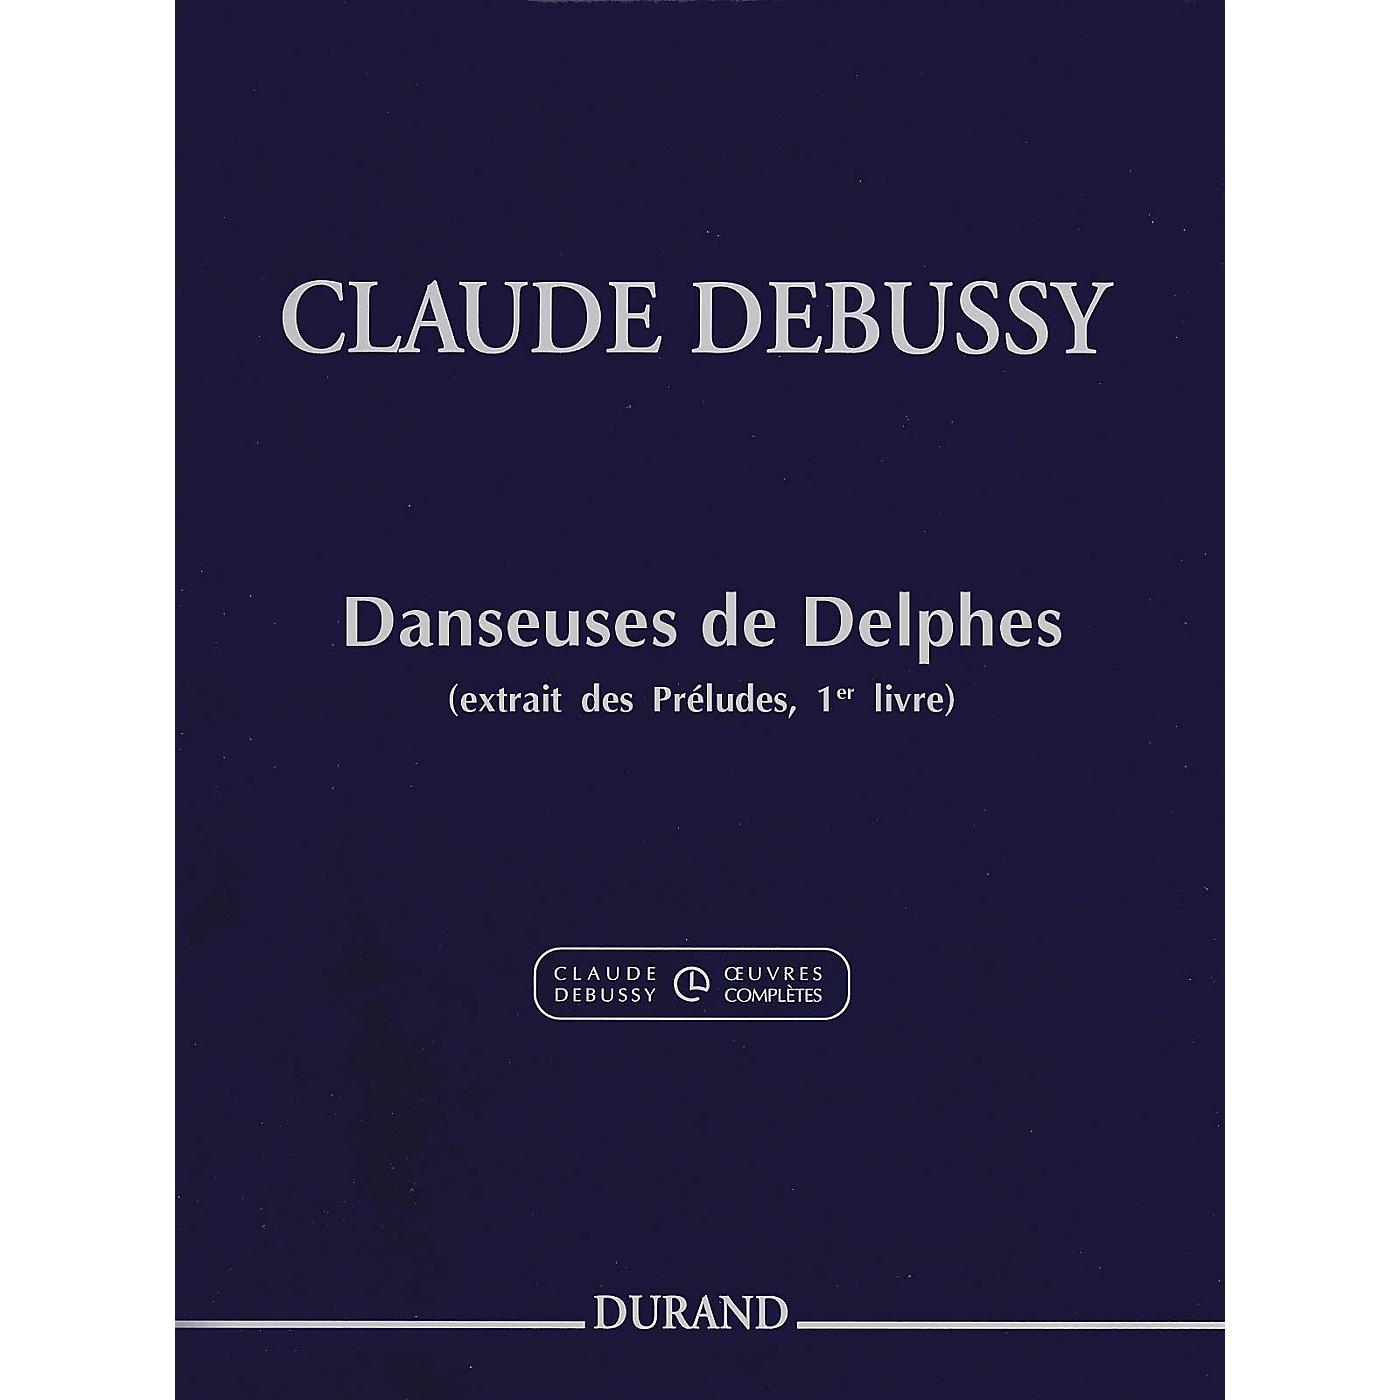 Durand Claude Debussy Danseuses de Delphes Book 1 For Piano thumbnail